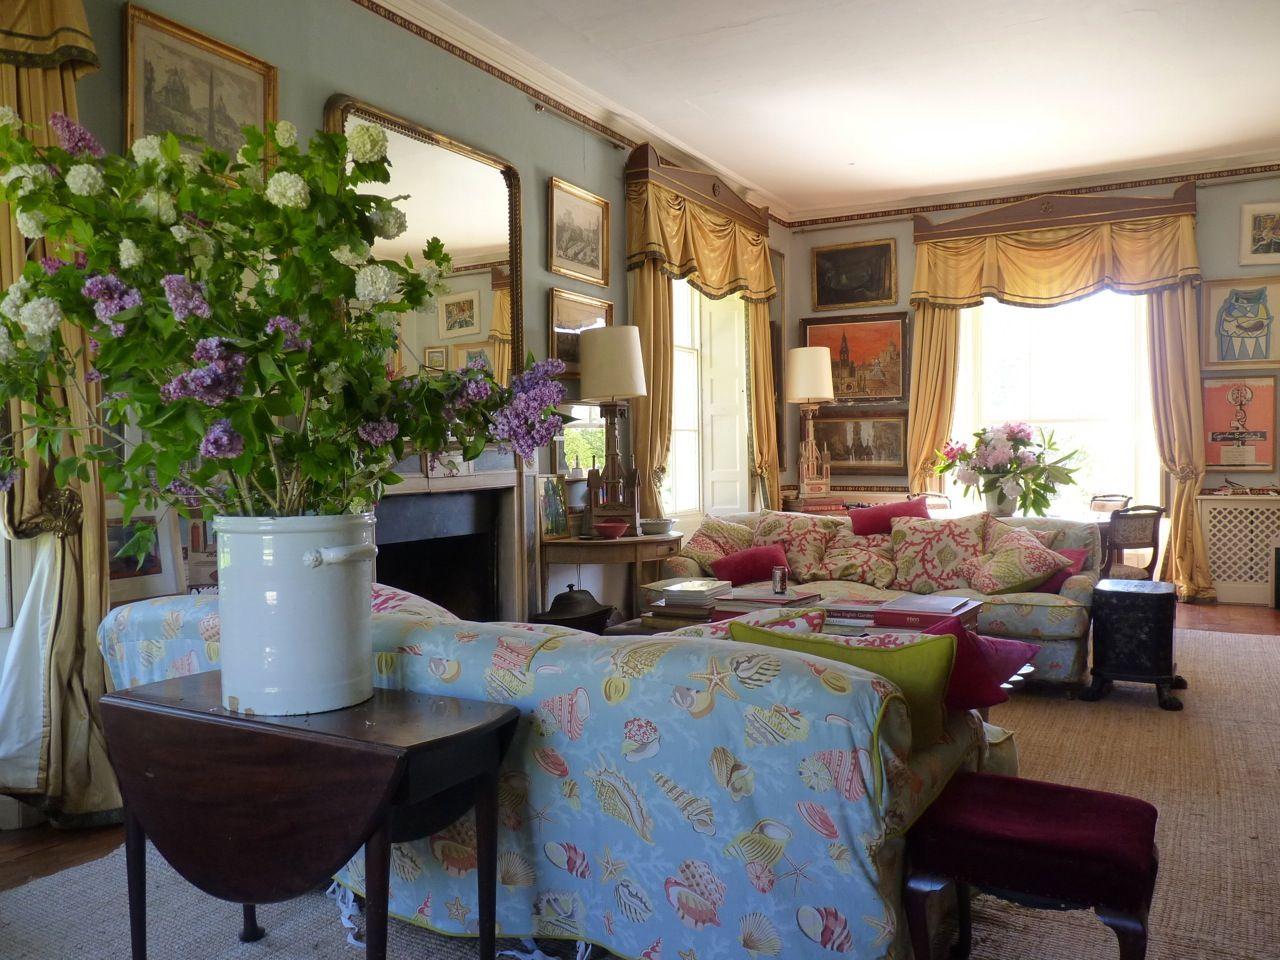 Interni Case Stile Inglese : English interior home sweet home idee per la casa case e idee